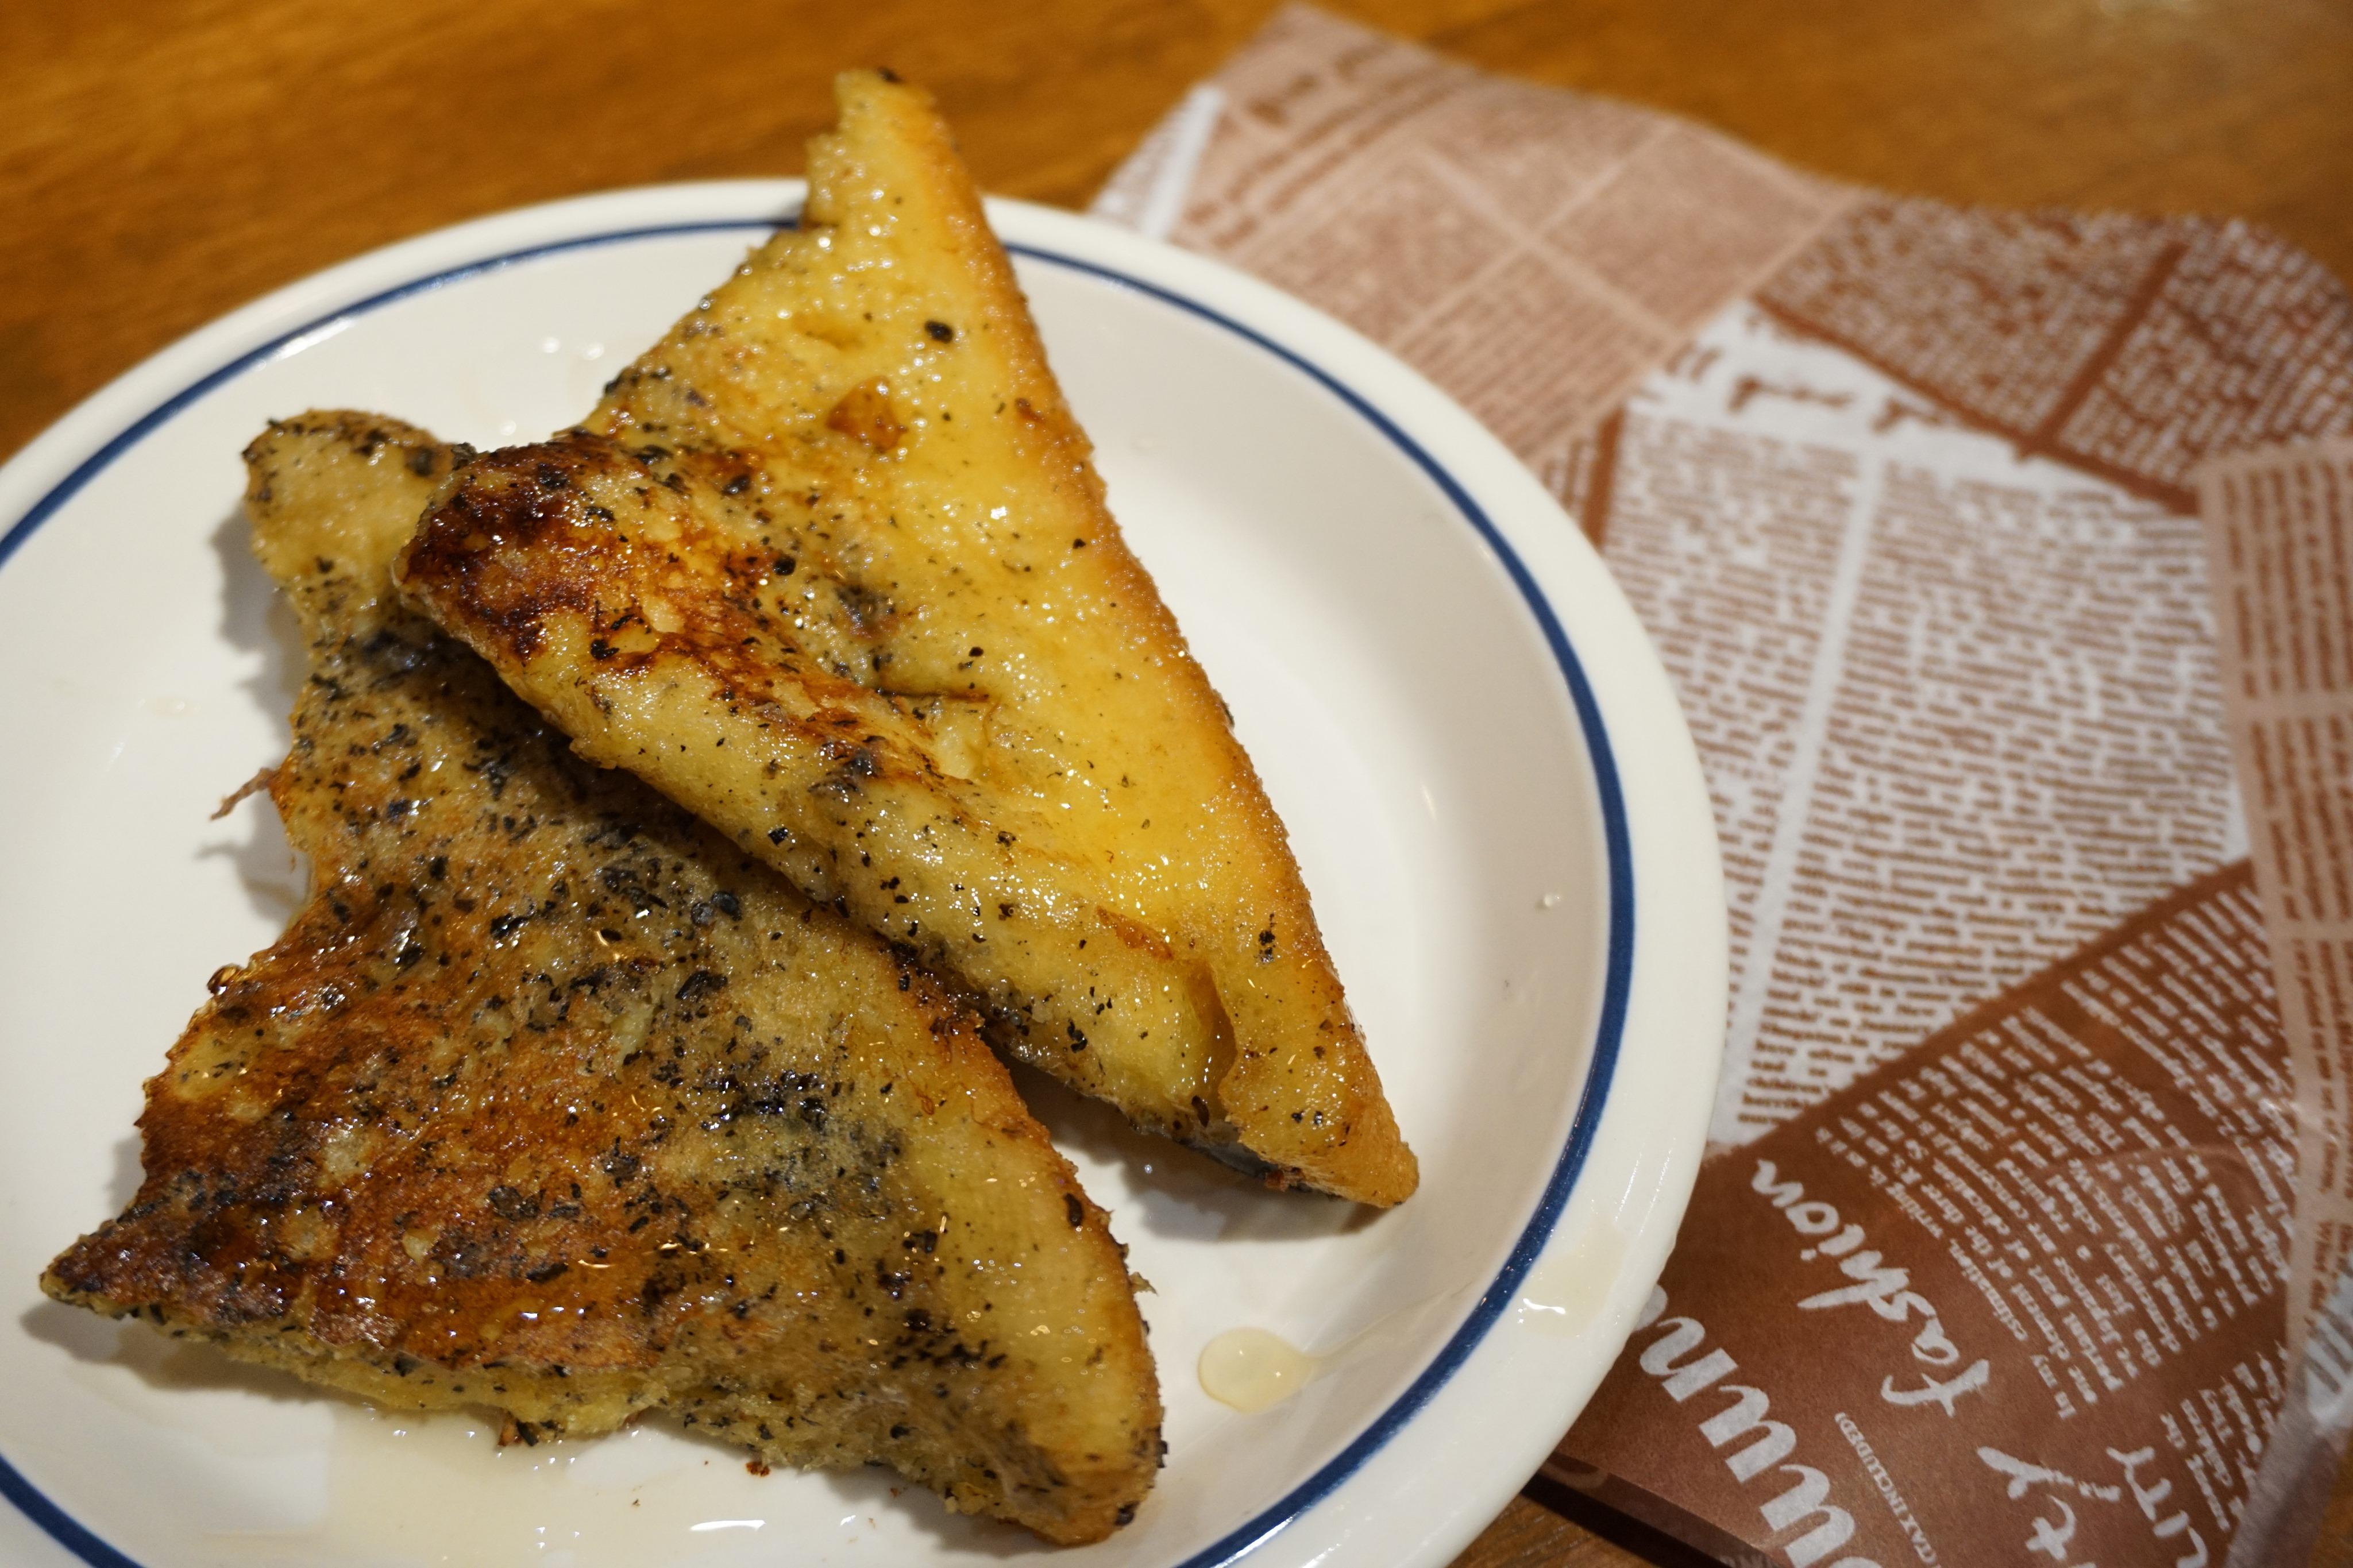 黒ゴマ豆乳フレンチトースト:コーヒーマルシェ限定のTinysオリジナルの一品!コーヒーとの相性も抜群です。